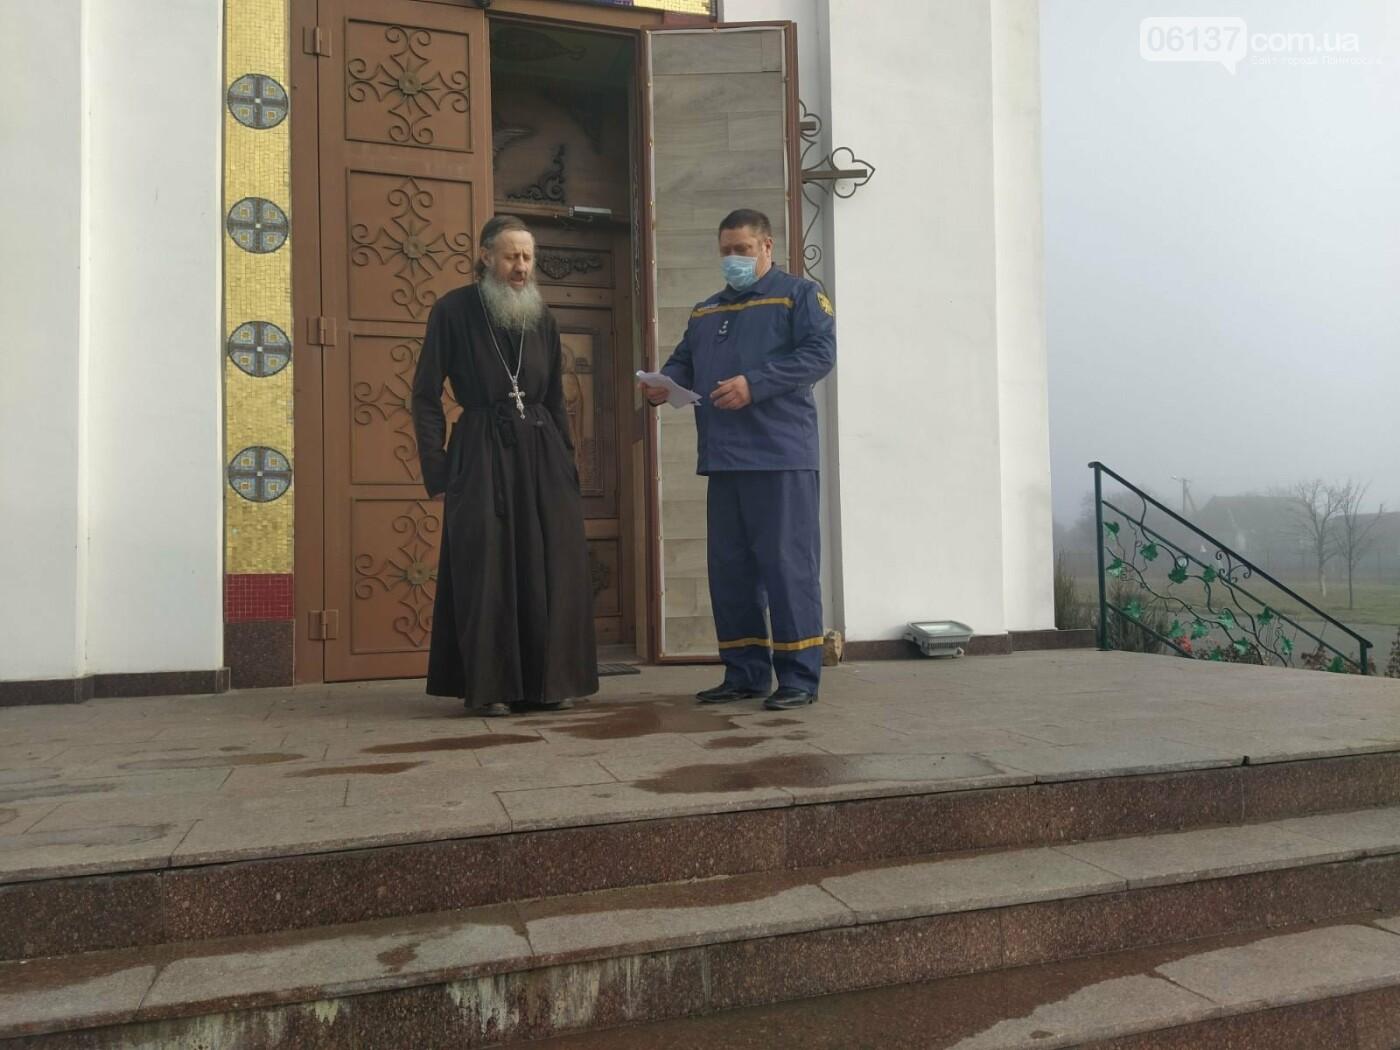 Представники Приморського РСГУ ДСНС провели інструктажі напередодні Різдвяних свят, фото-1